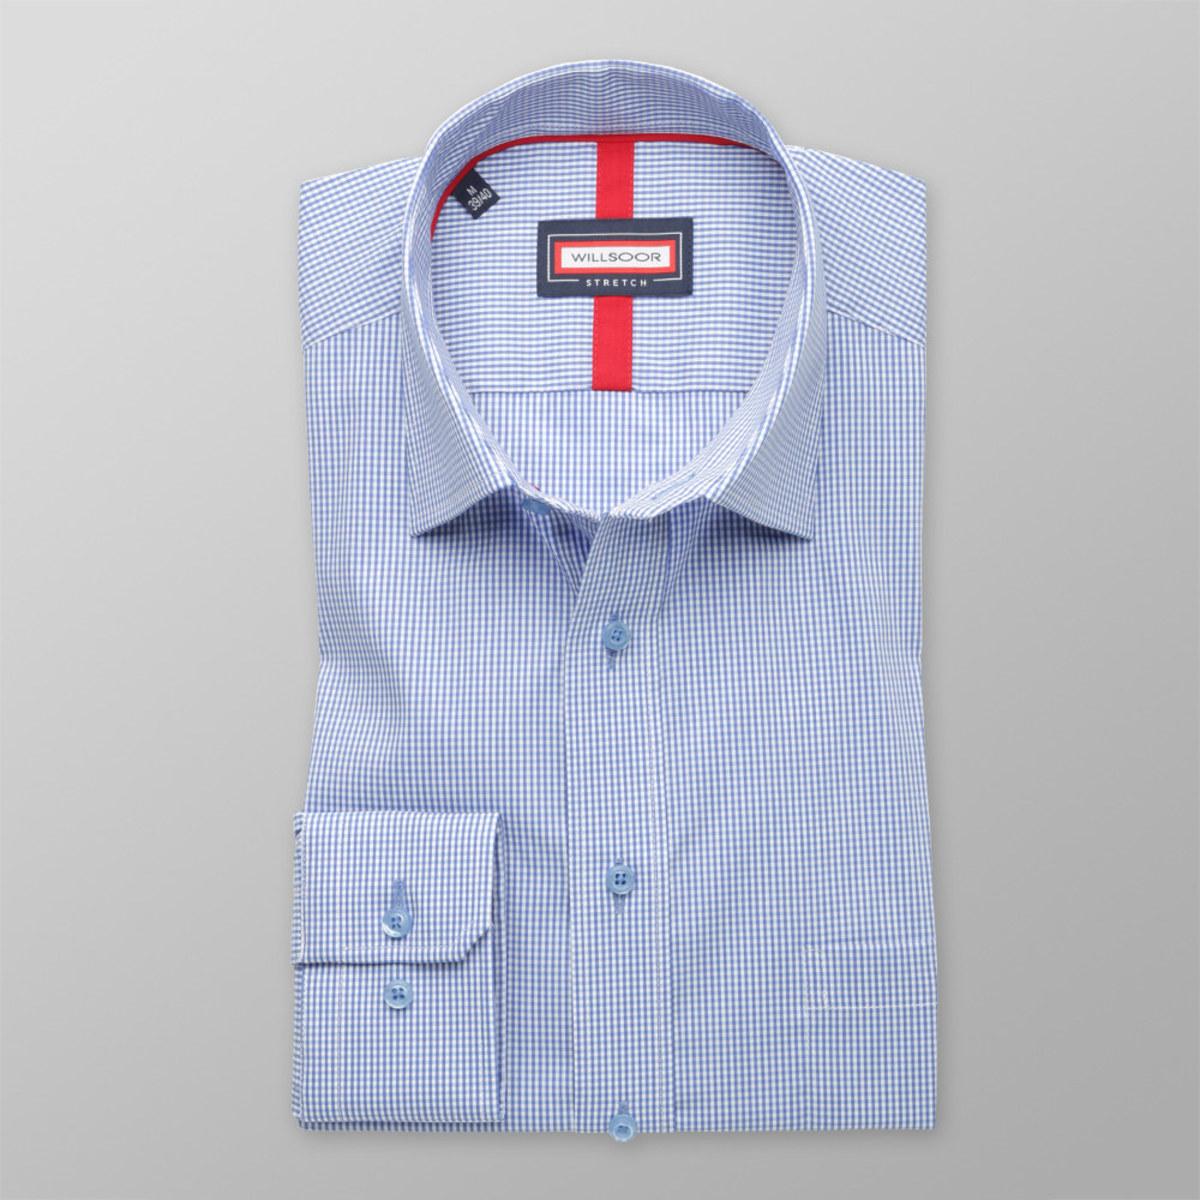 Pánska klasická košeľa (výška 176-182) 8293 v modré farbe s prímesou elastanu 176-182 / L (41/42)